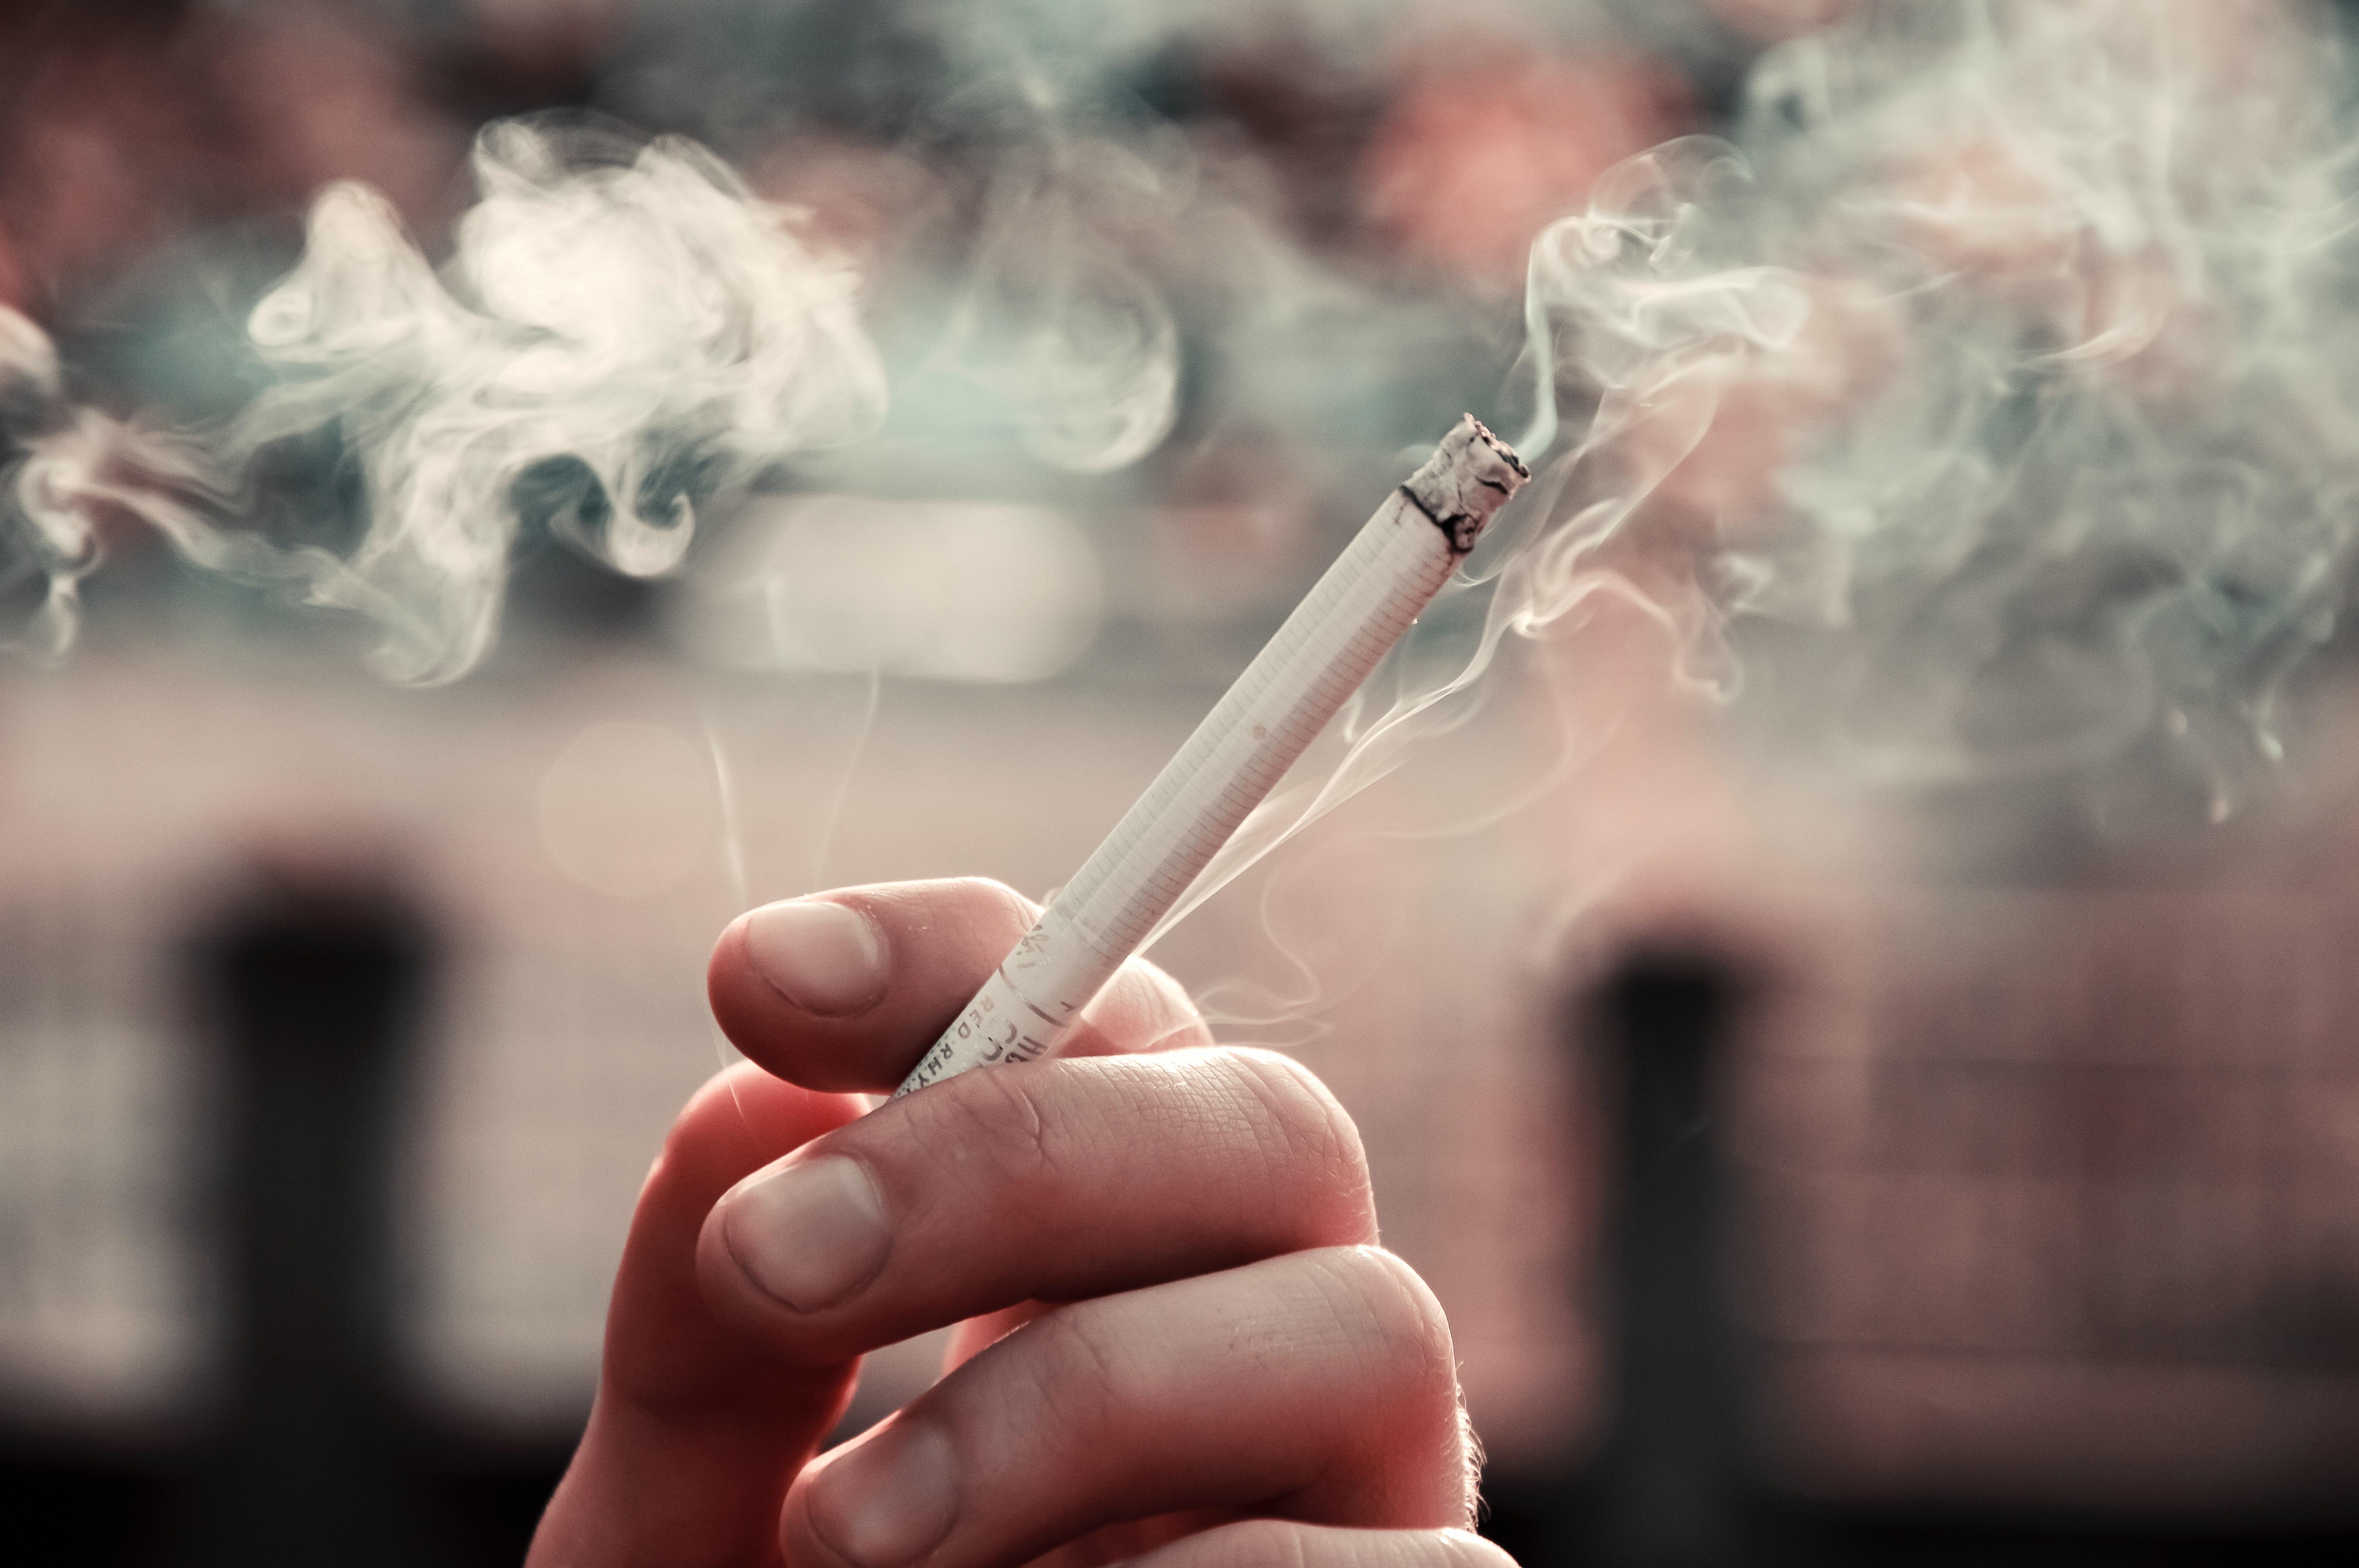 videó egy szervezetről aki leszokott a dohányzásról